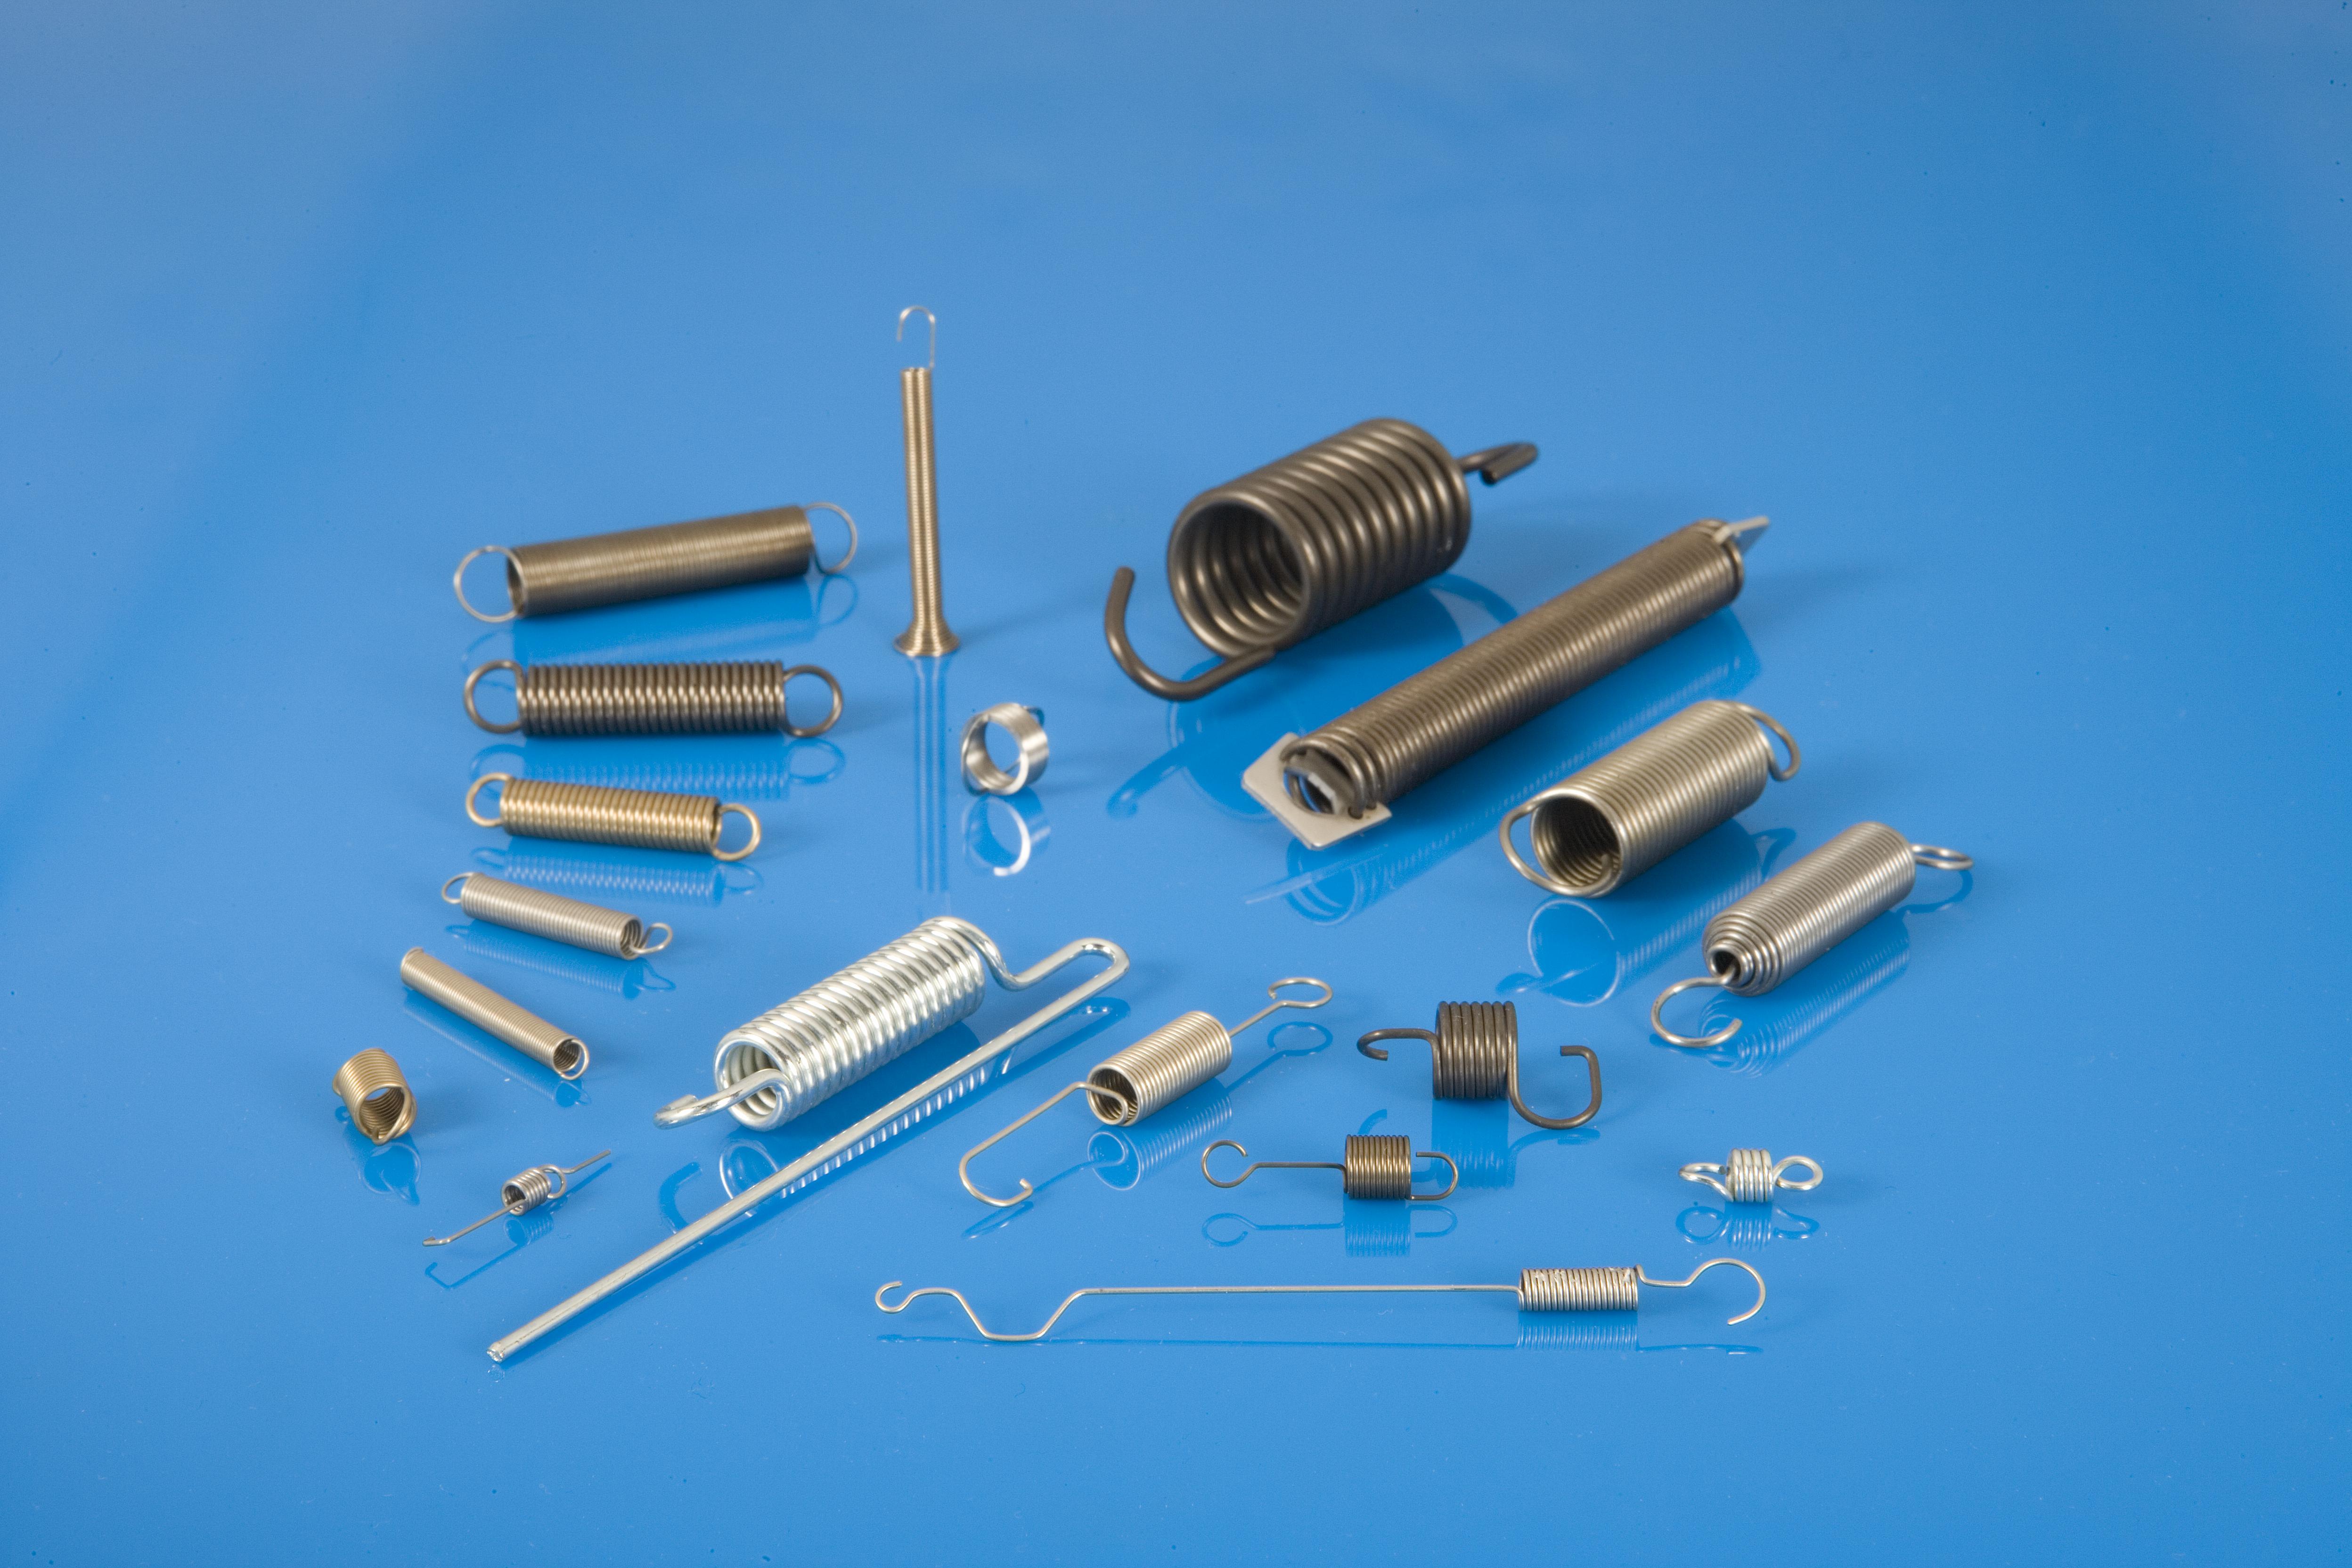 Bei Schweizer finden Sie ein umfangreiches Produktspektrum an Zugfedern. Abmessungen: Drahtdurchmesser 0,05 - 9,00 mm Dr